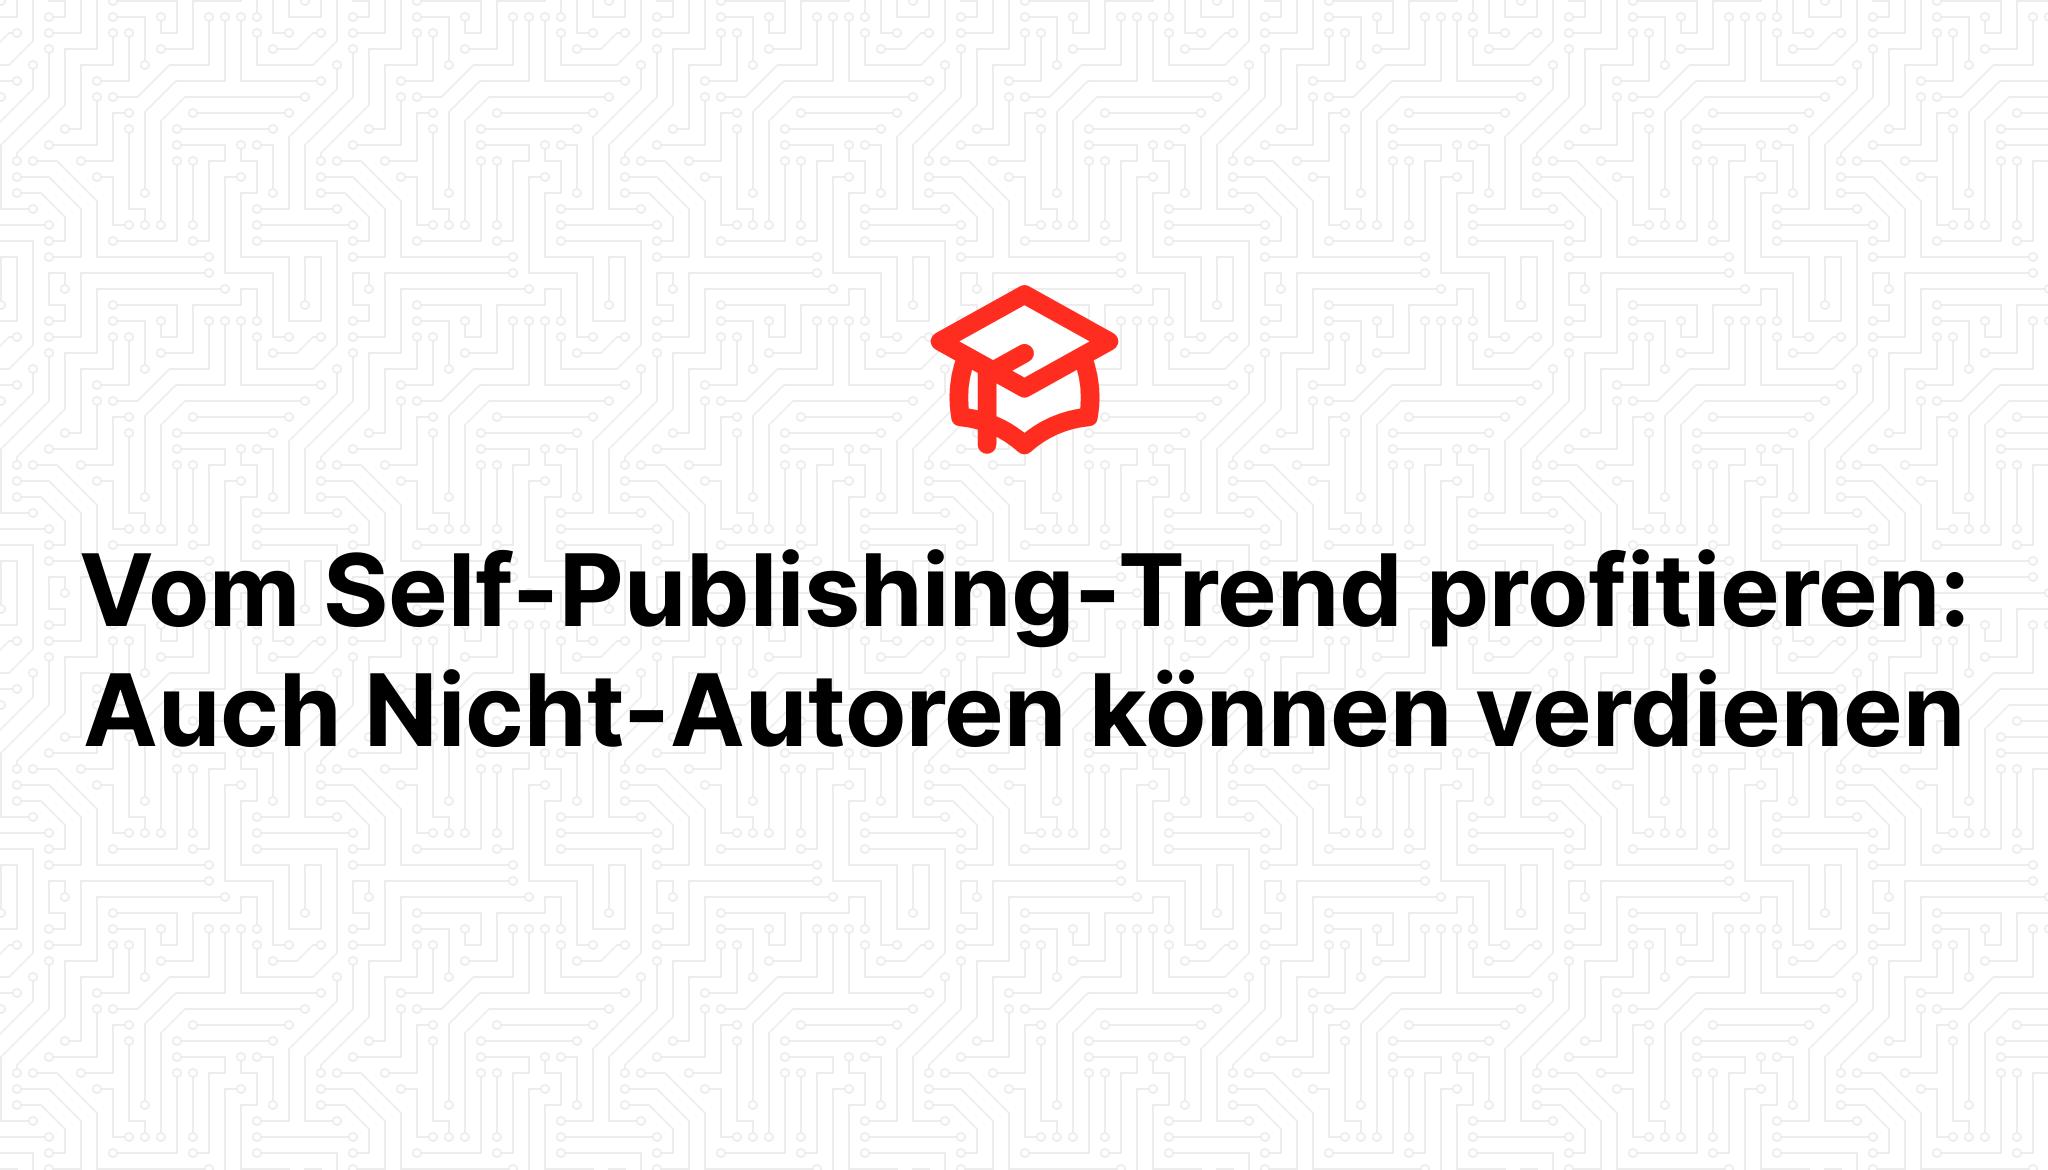 Vom Self-Publishing-Trend profitieren: Auch Nicht-Autoren können verdienen